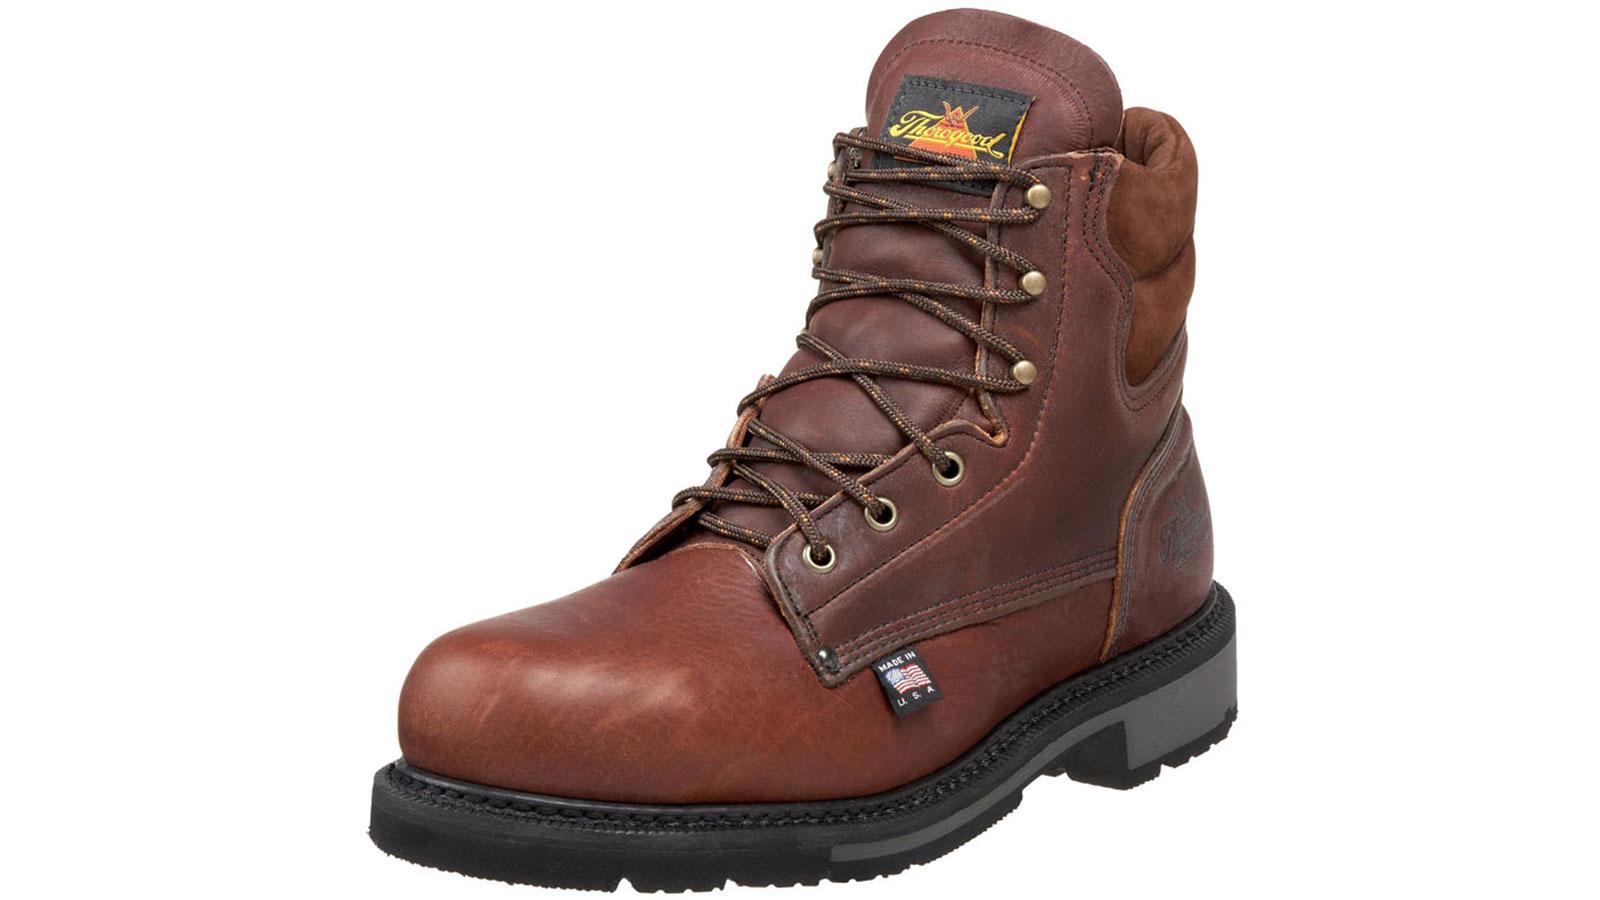 Best Men's Work Boots